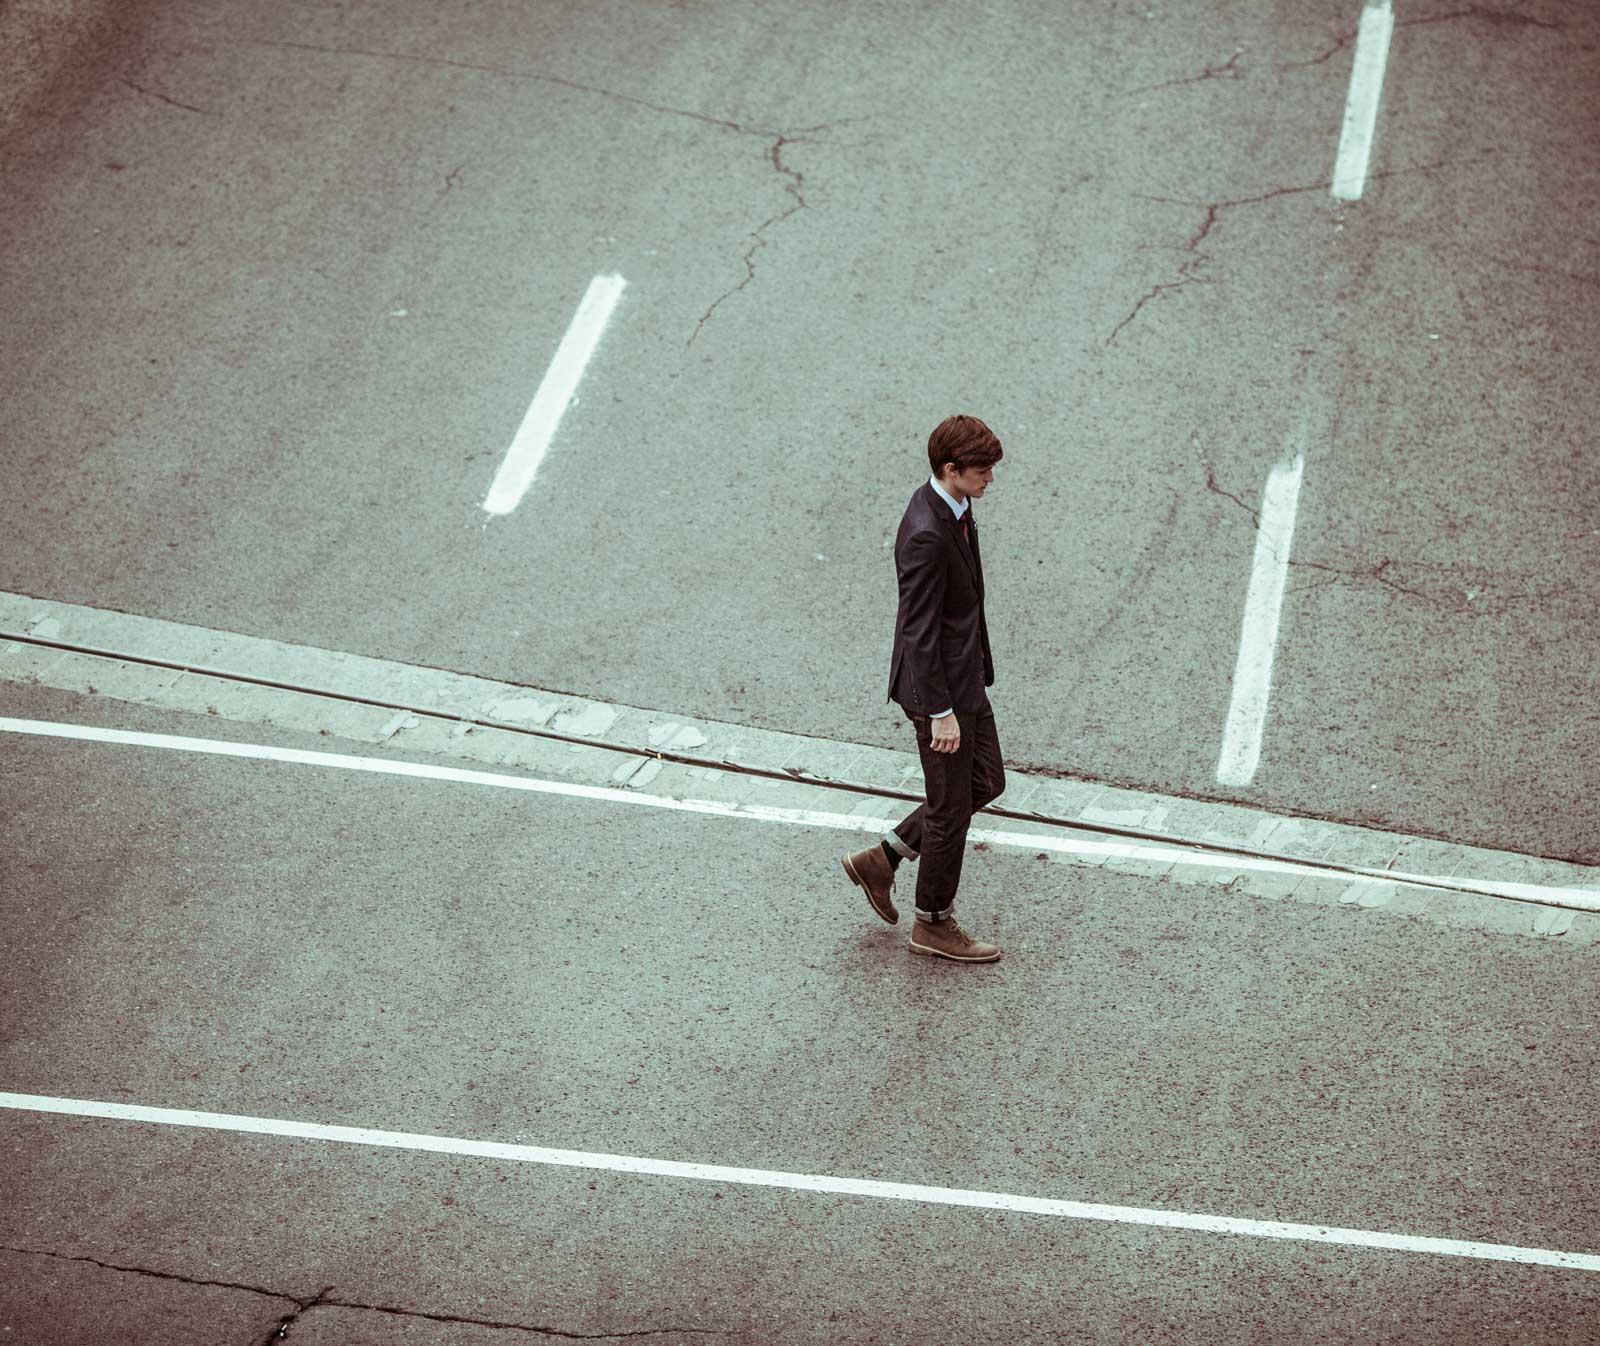 man-walking-in-street